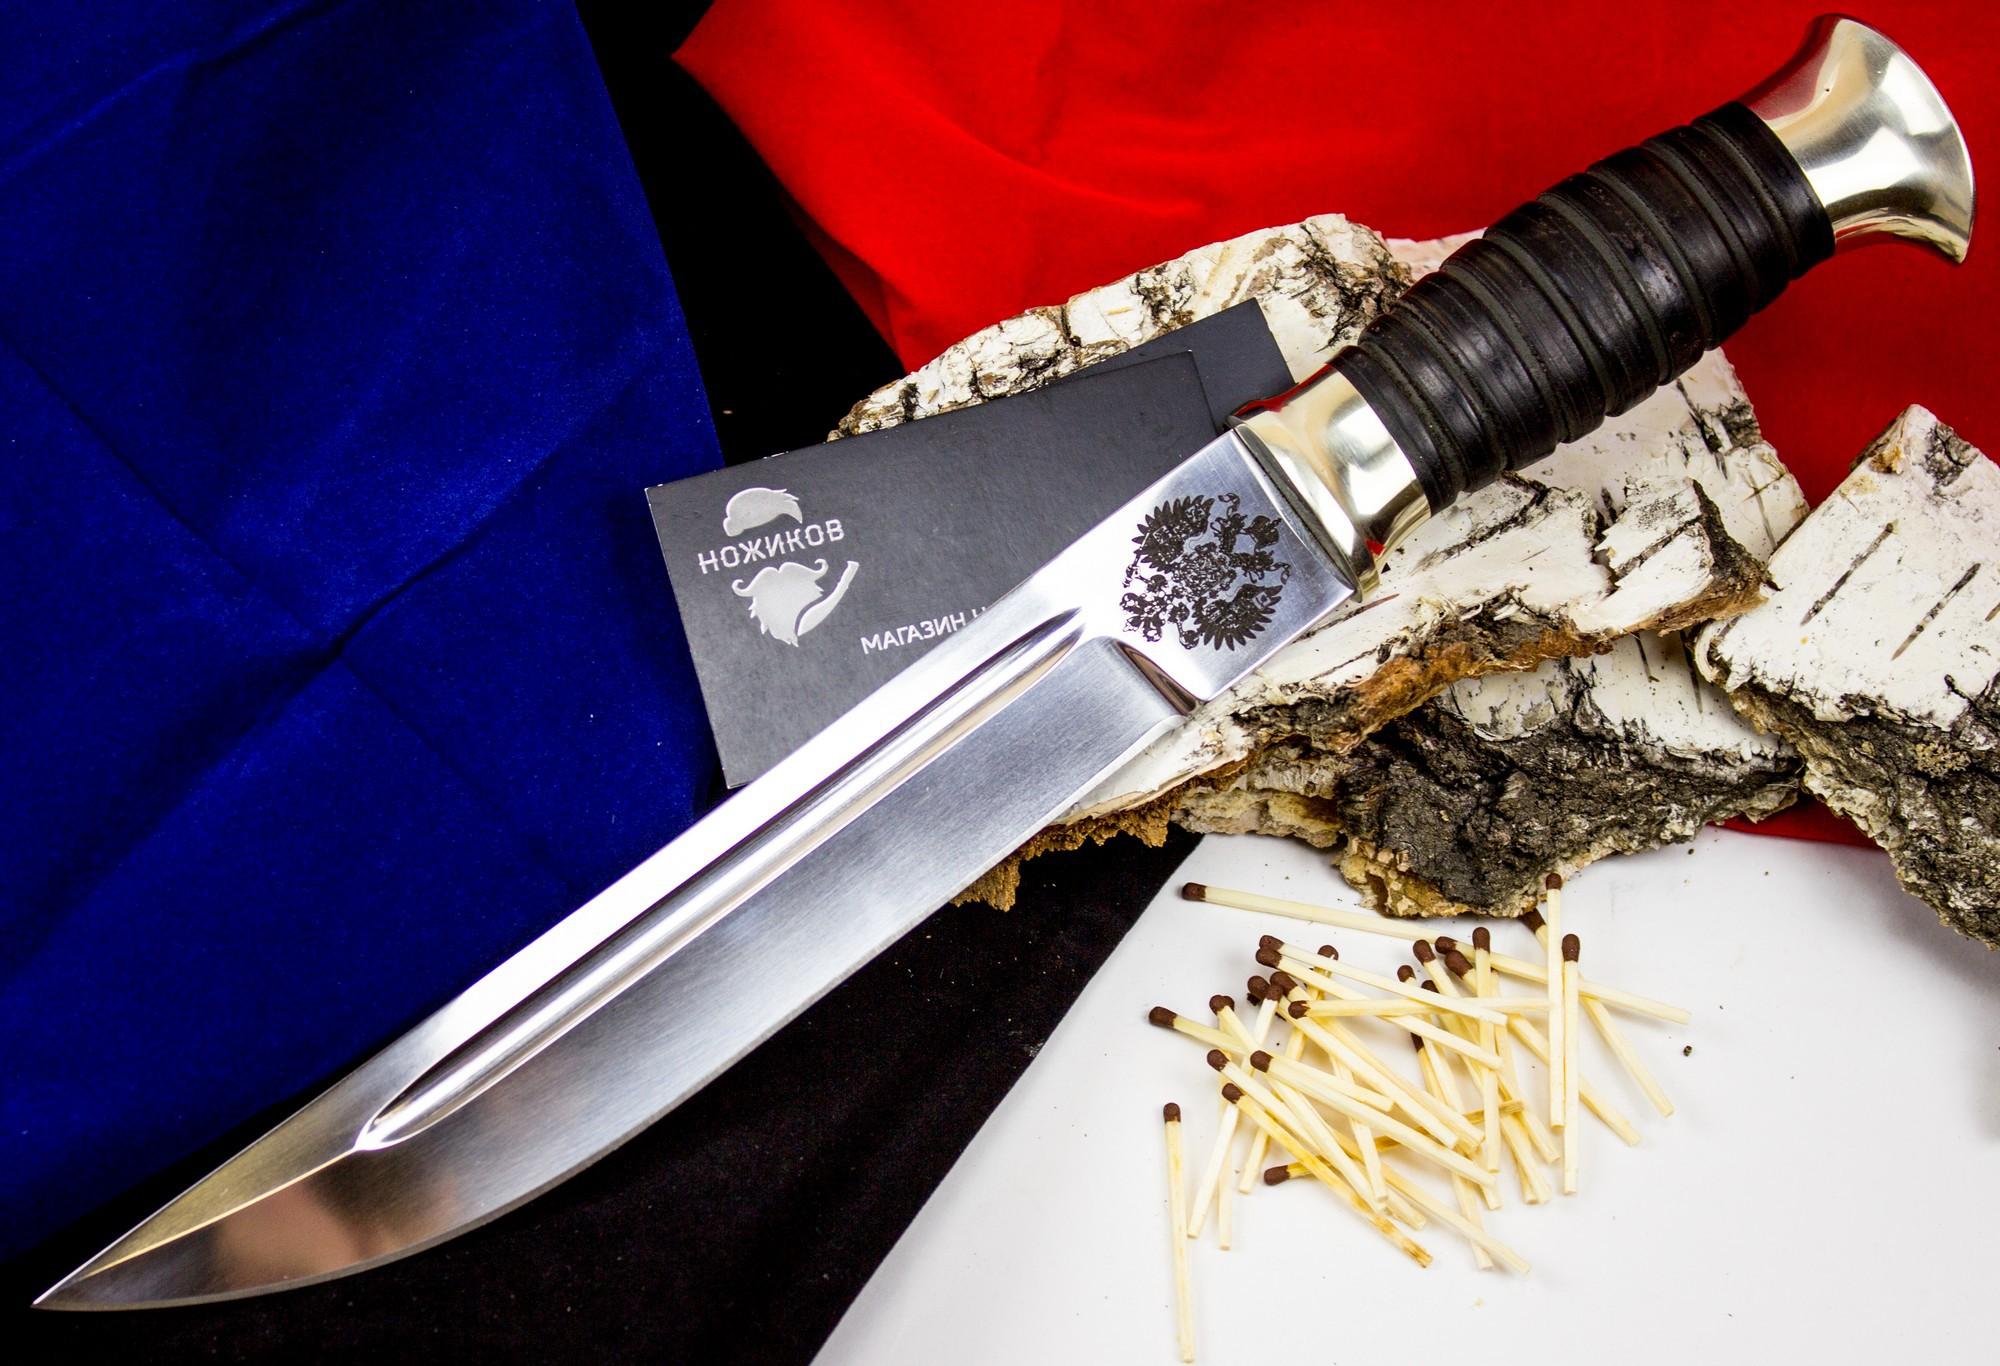 Пластунский кованый нож Казак  Х12МФ, мельхиорНожи Ворсма<br>Пластунский кованый нож Казак Х12МФ, мельхиор выполнен в лучших традициях ножевого ремесла. Прообразам модели является пластунский нож начала прошлого века, который, в свою очередь, был скопирован с ножей кавказских горцев. Пластунский нож Казак изготовлен из кованой прочной стали Х12МФ. Этот легированный материал прекрасно сбалансирован по твердости-вязкости, что практически исключает появление сколов. Клинок отлично держит заточку, хорошо шлифуется. Рукоять ножа из кожи, выполнена наборным способом. Это отличный вариант для походов и охоты. Купить нож-пластун Казак можно в качестве подарка. Благодаря презентабельному виду он станет достойным украшением любой коллекции.<br>